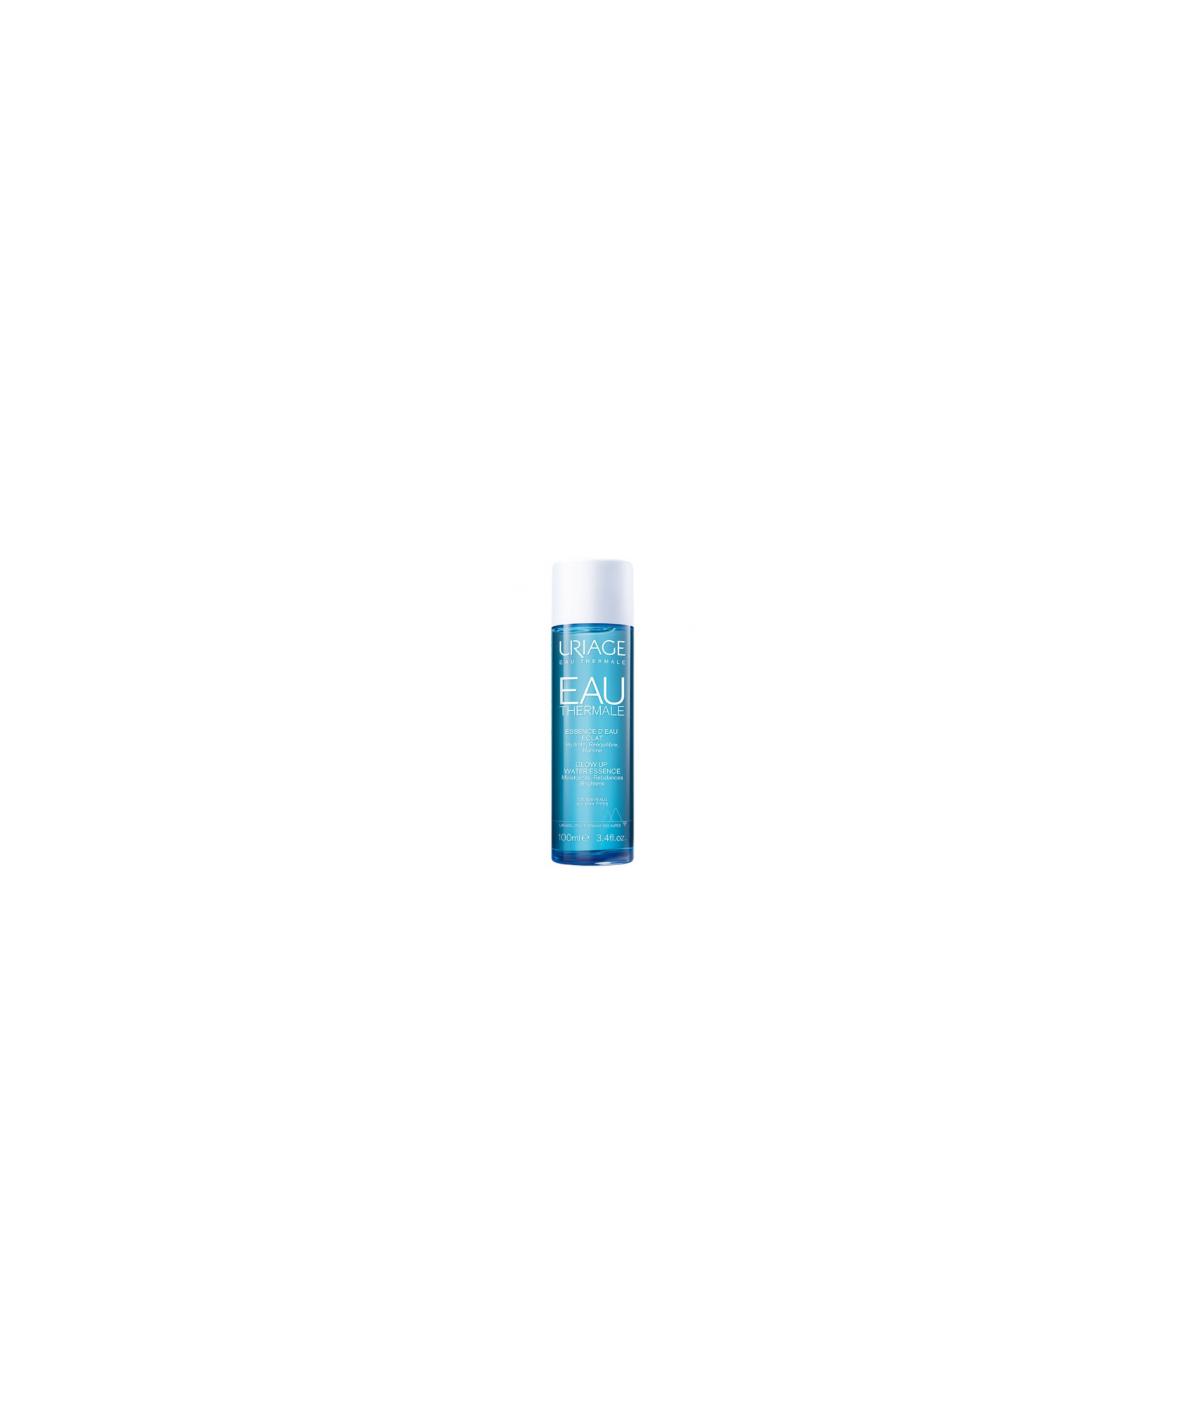 Uriage termal esencia agua iluminadora